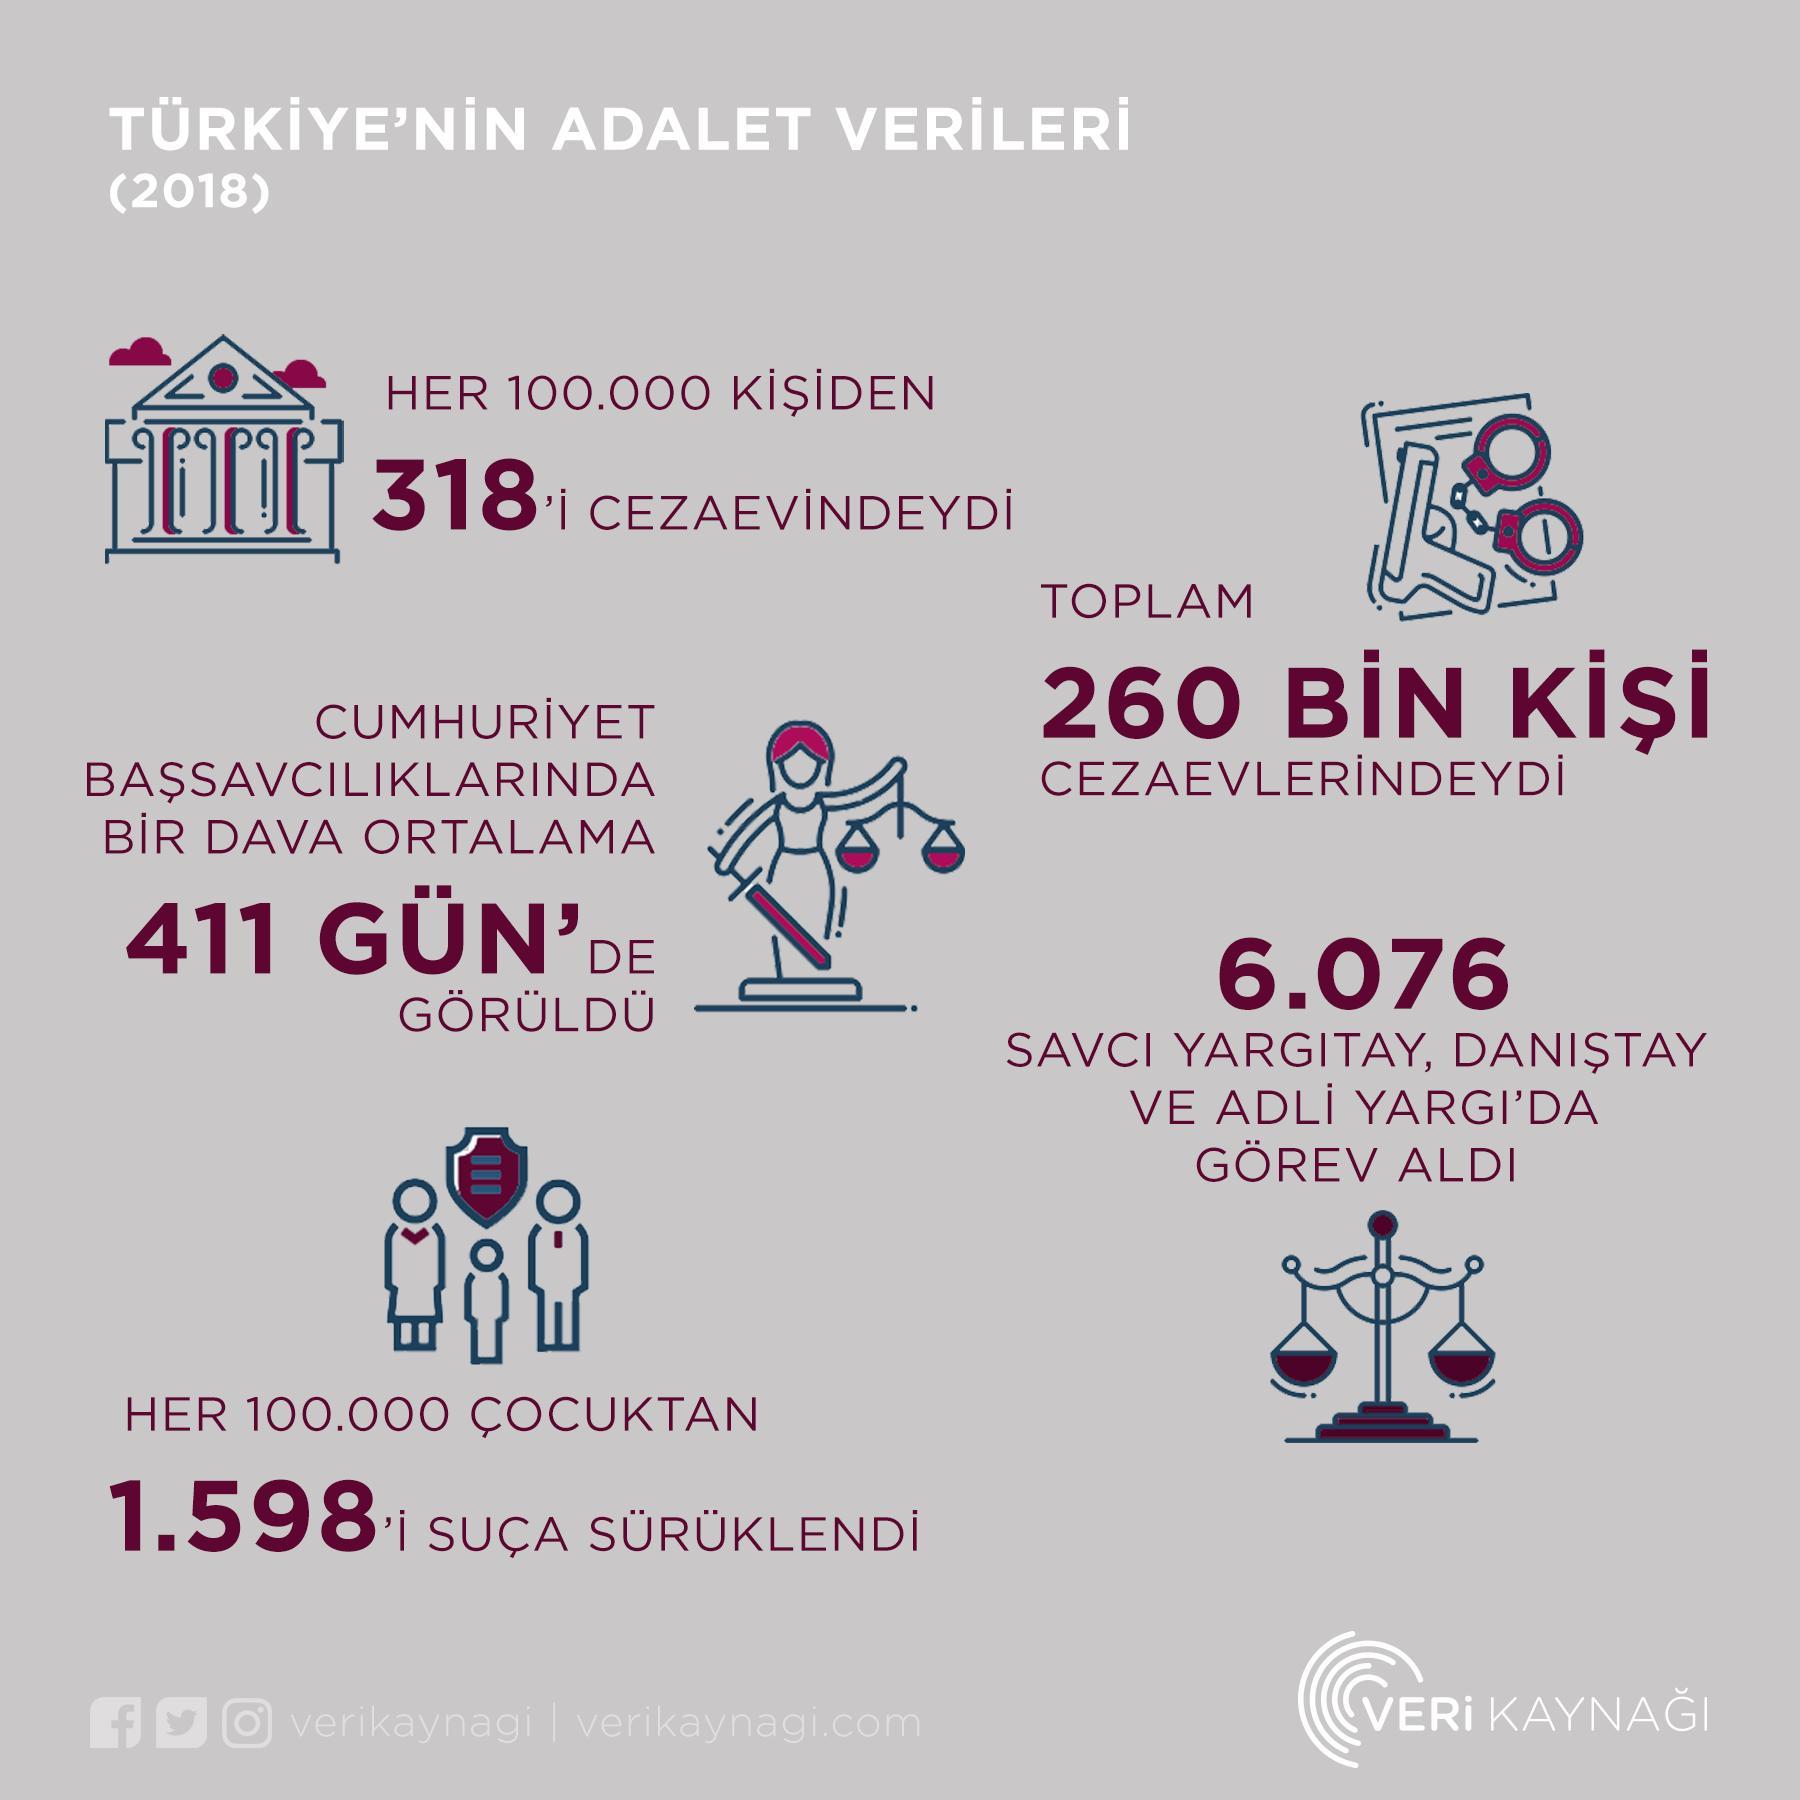 türkiye'nin adalet verileri - 2018